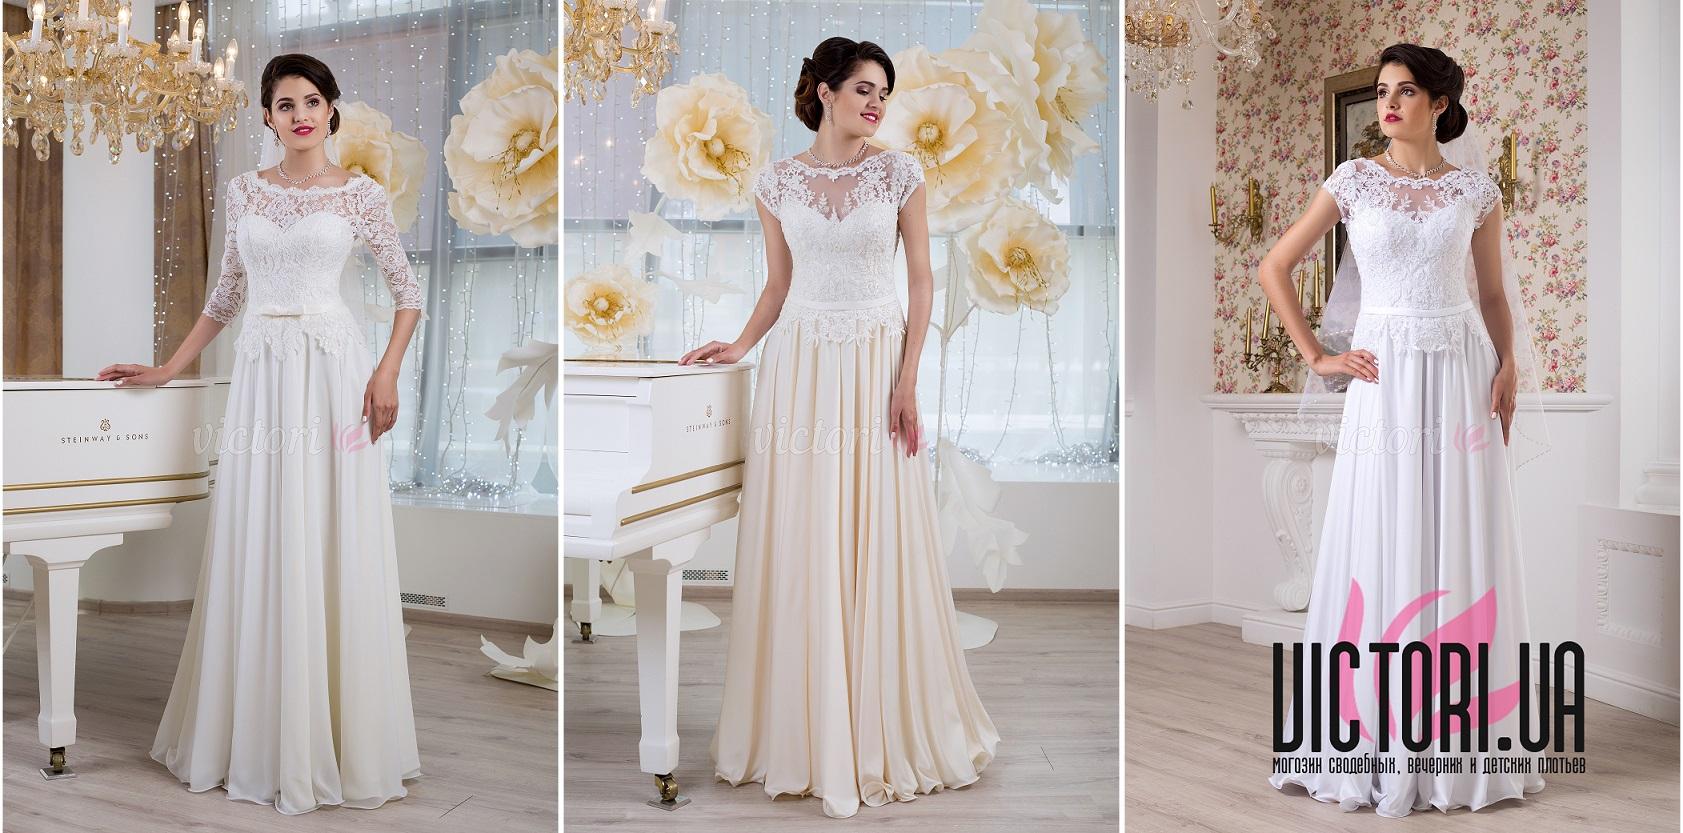 157d6e1716d 2019 год не стал исключением и свадебные платья в стиле Ампир будут  эффектно смотреться как на традиционной церемонии